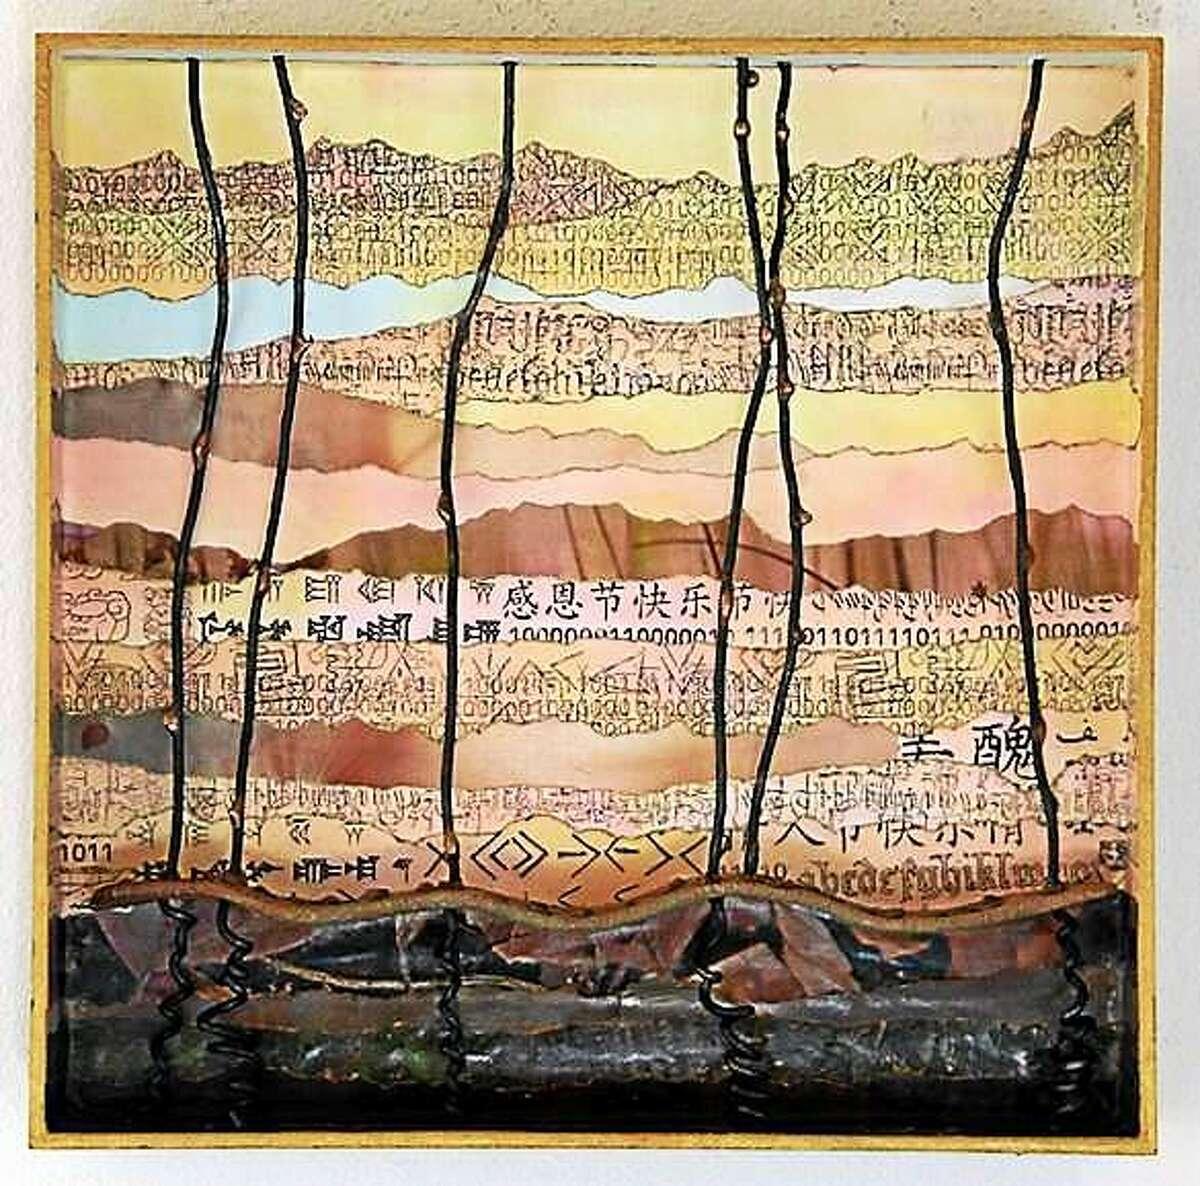 Photo by Ashby Carlisle) ìSpring!î Ashby Carlisle, 10x10x2.5, paper, metal and clay